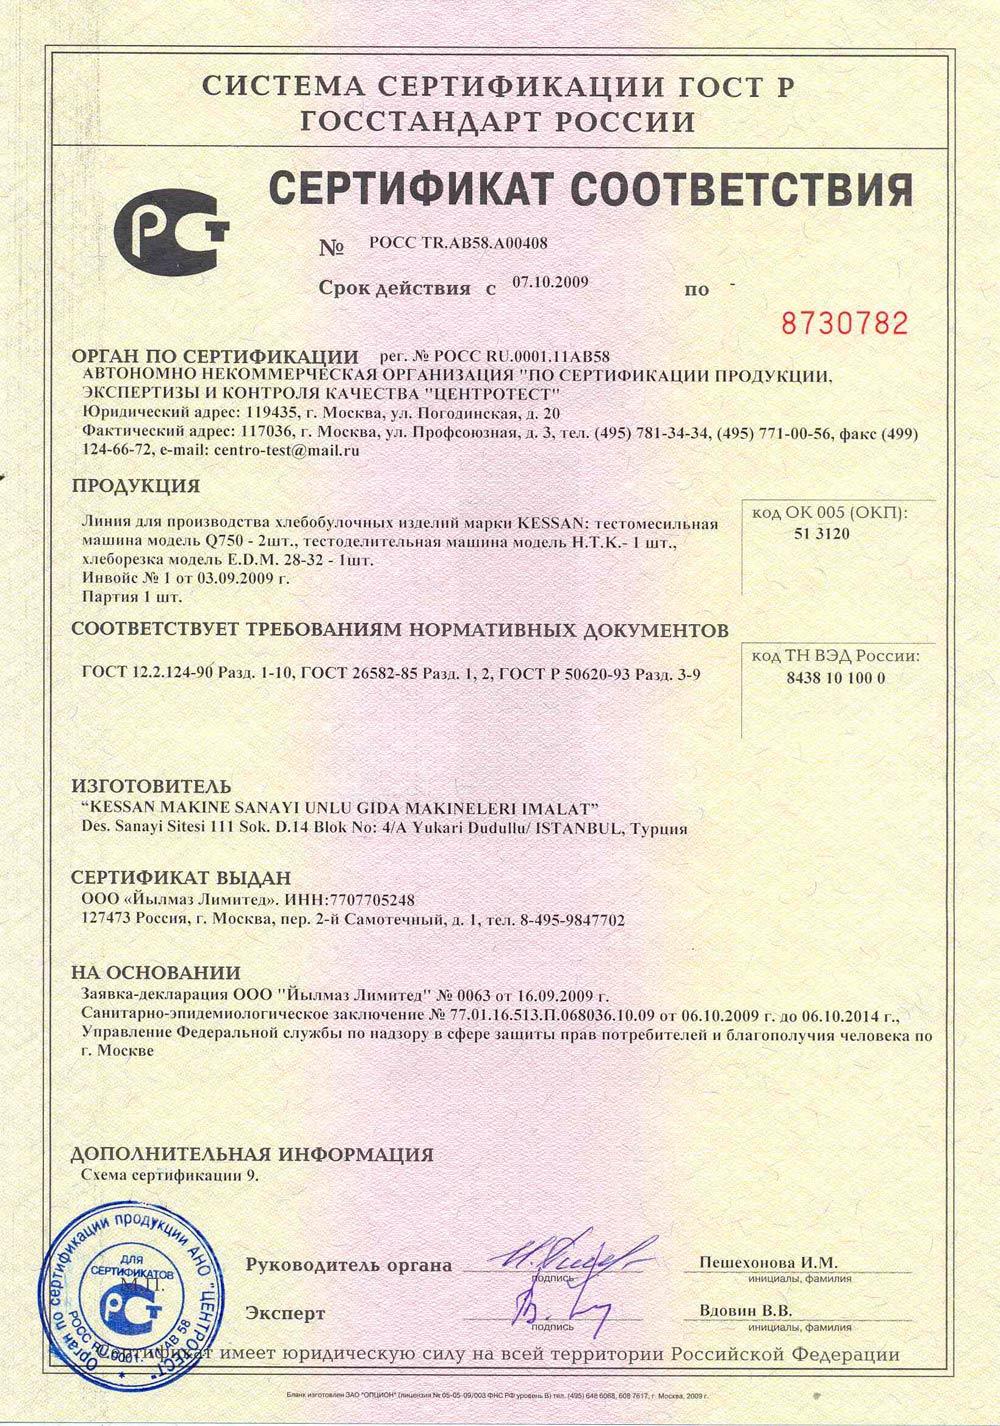 бланк сертификата качества скачать